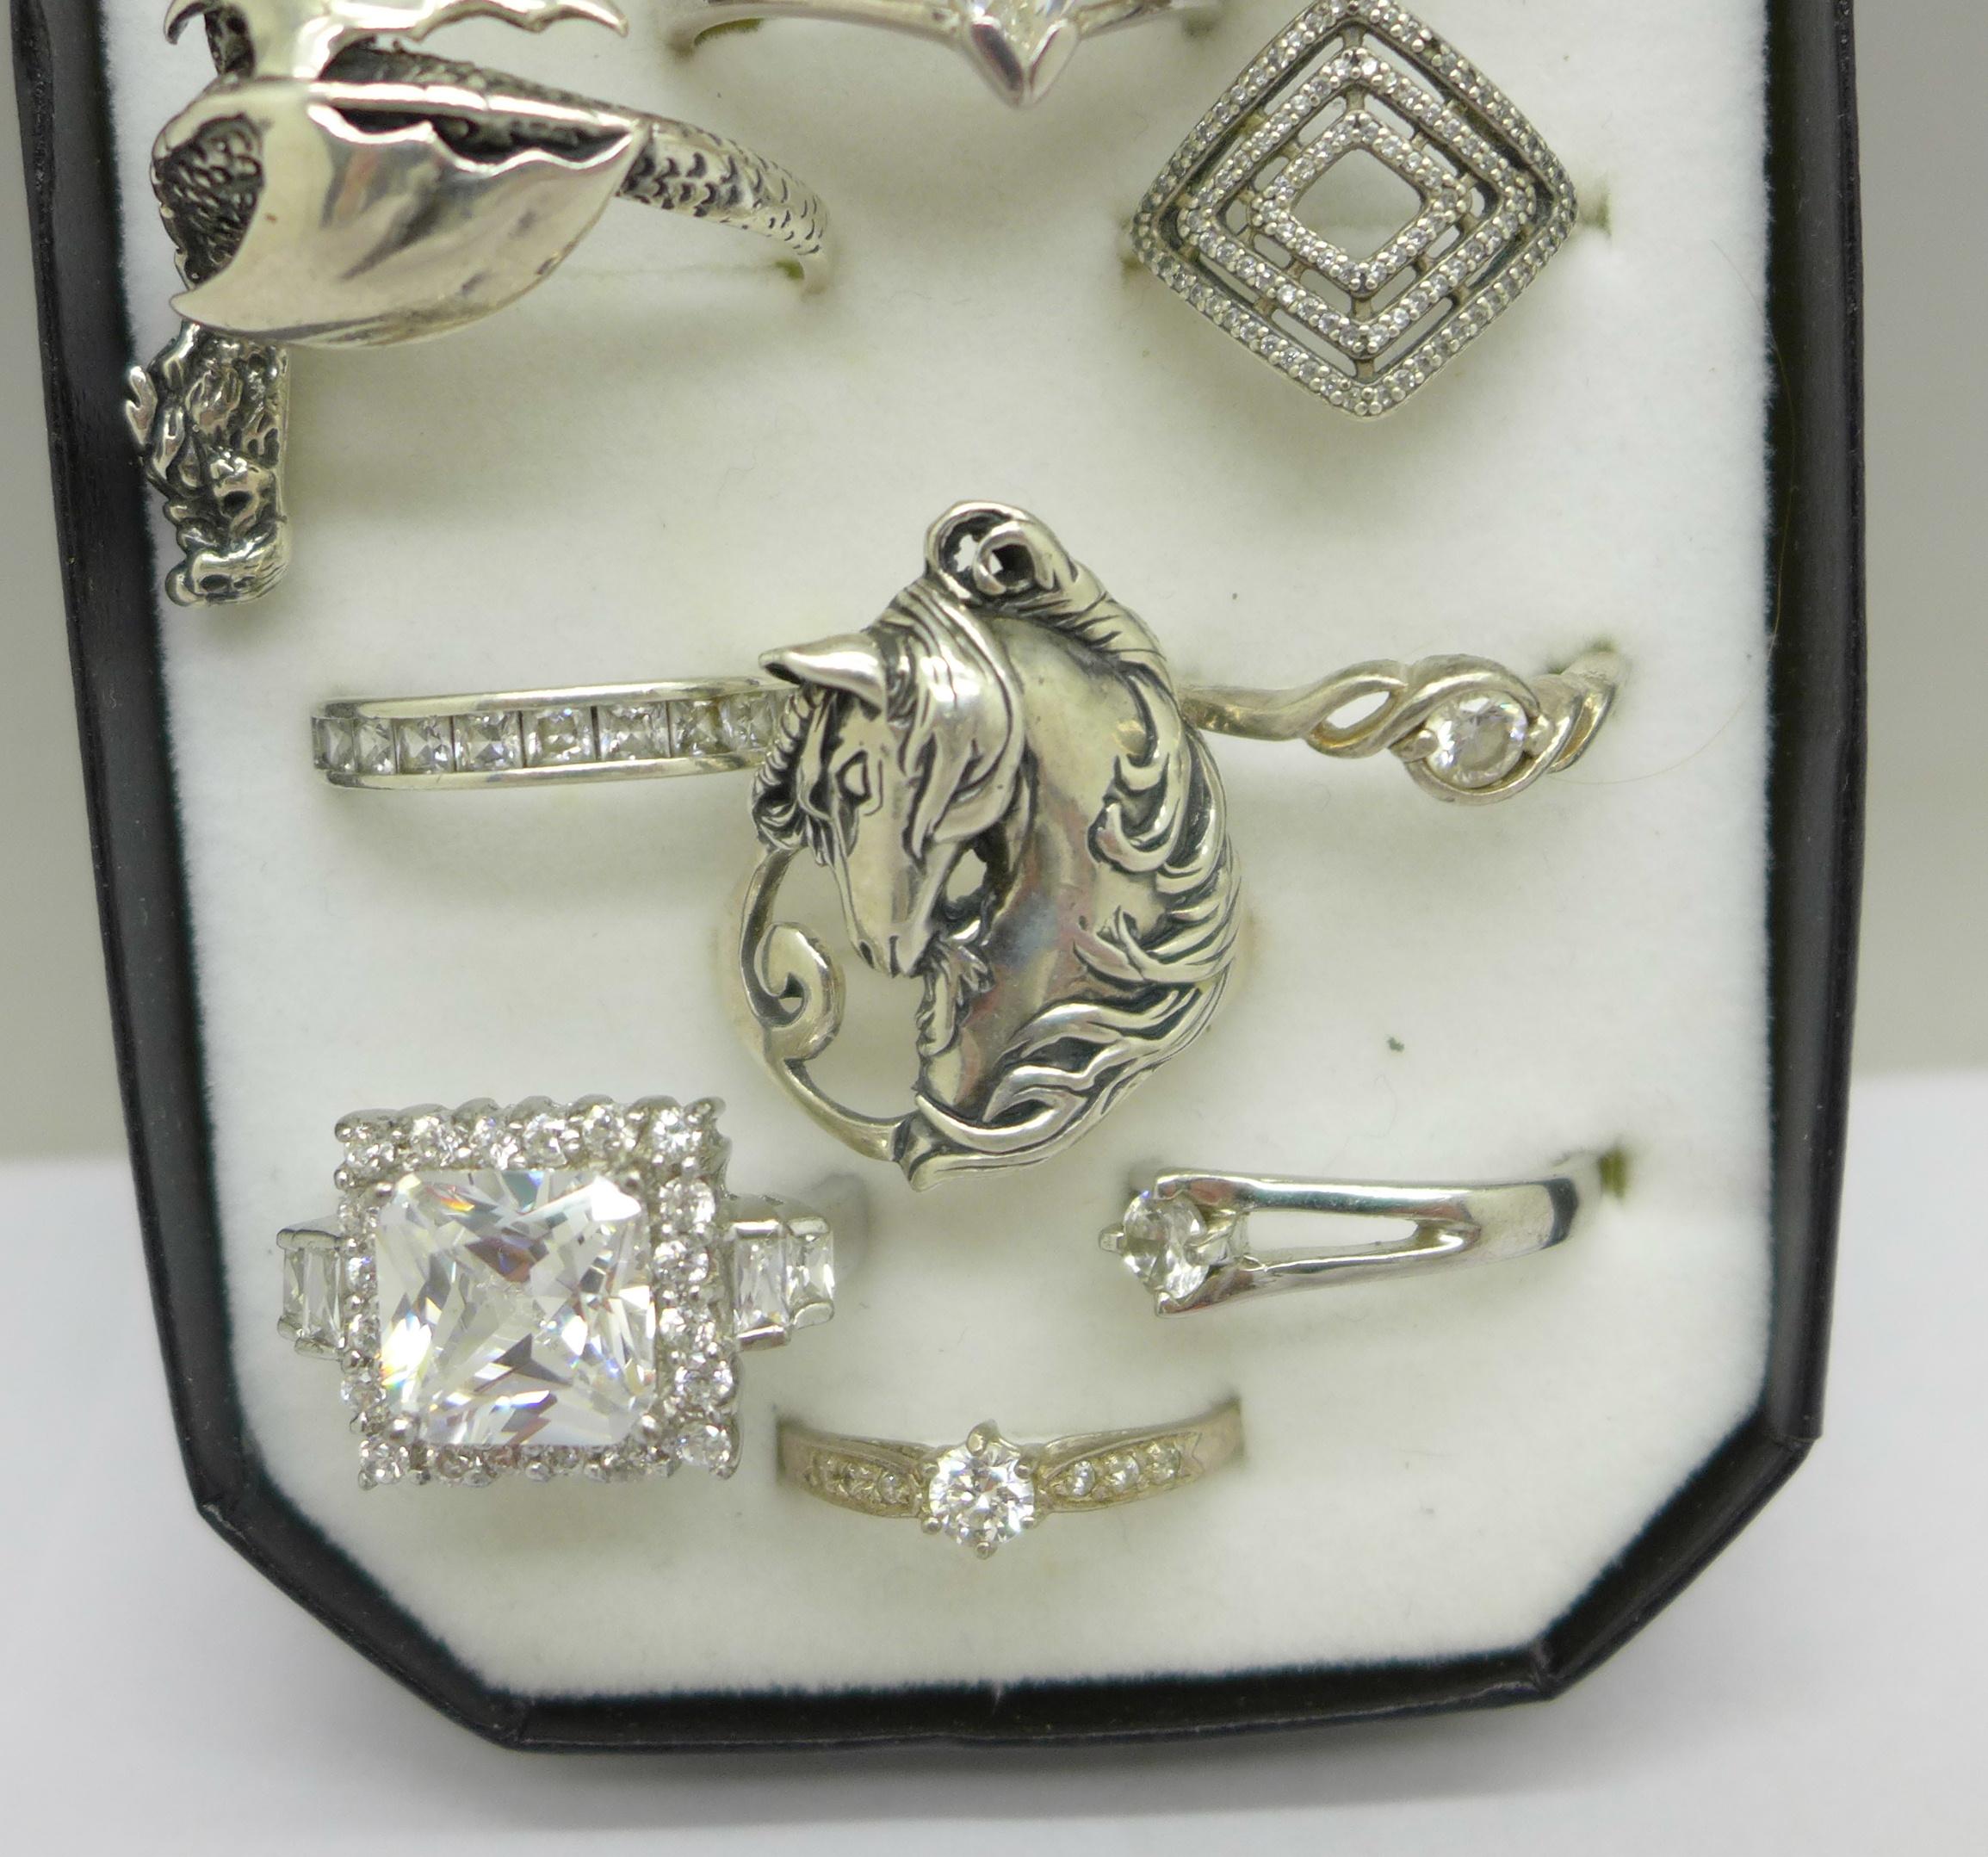 Twelve silver rings - Image 2 of 3